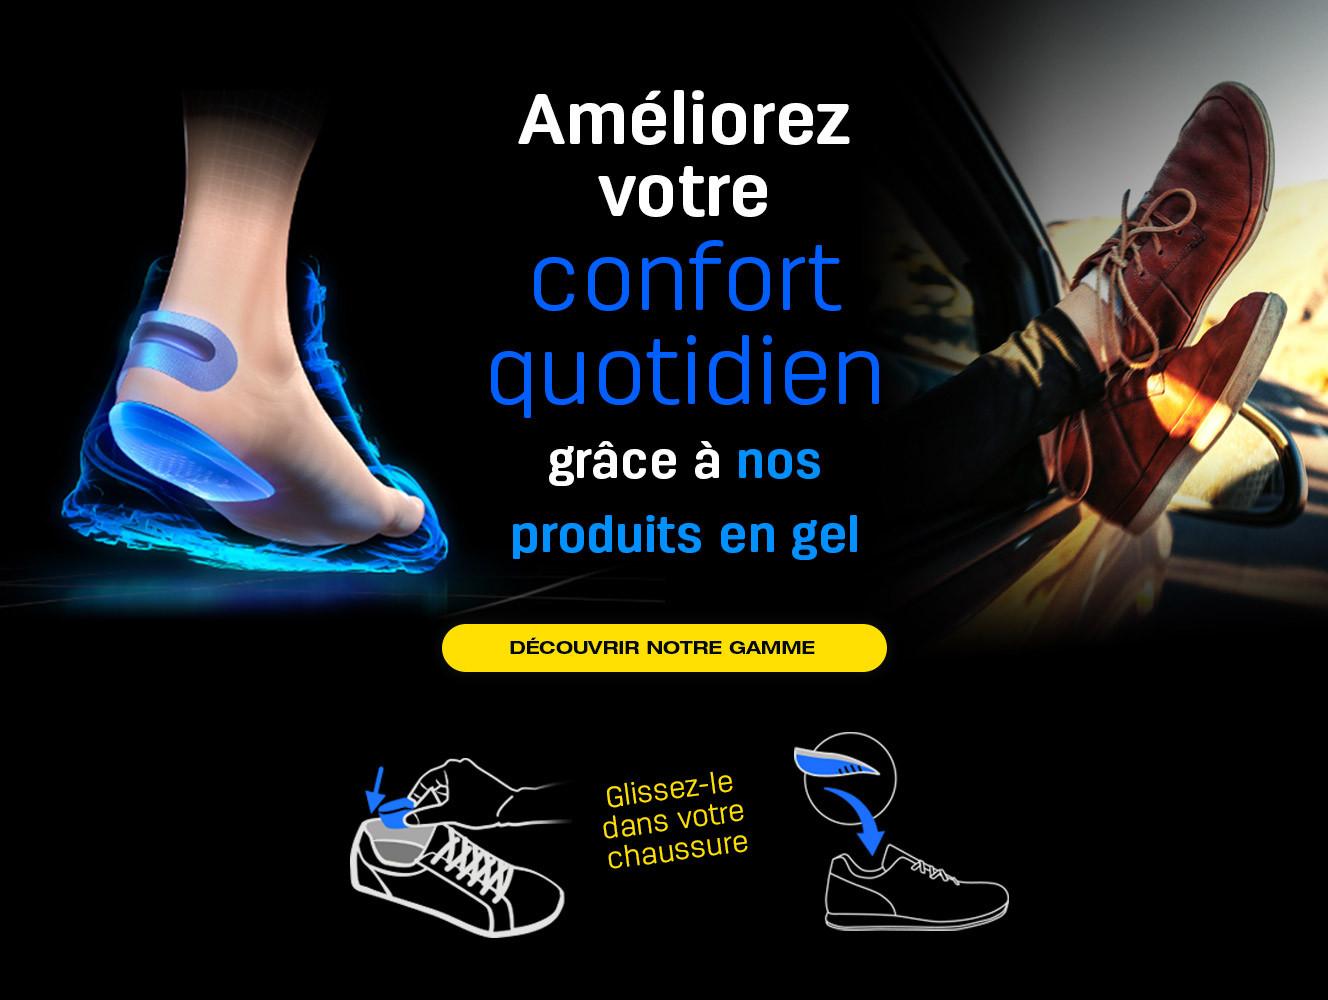 Les produits en gel parfaits pour améliorer le confort quotidien dans la chaussure